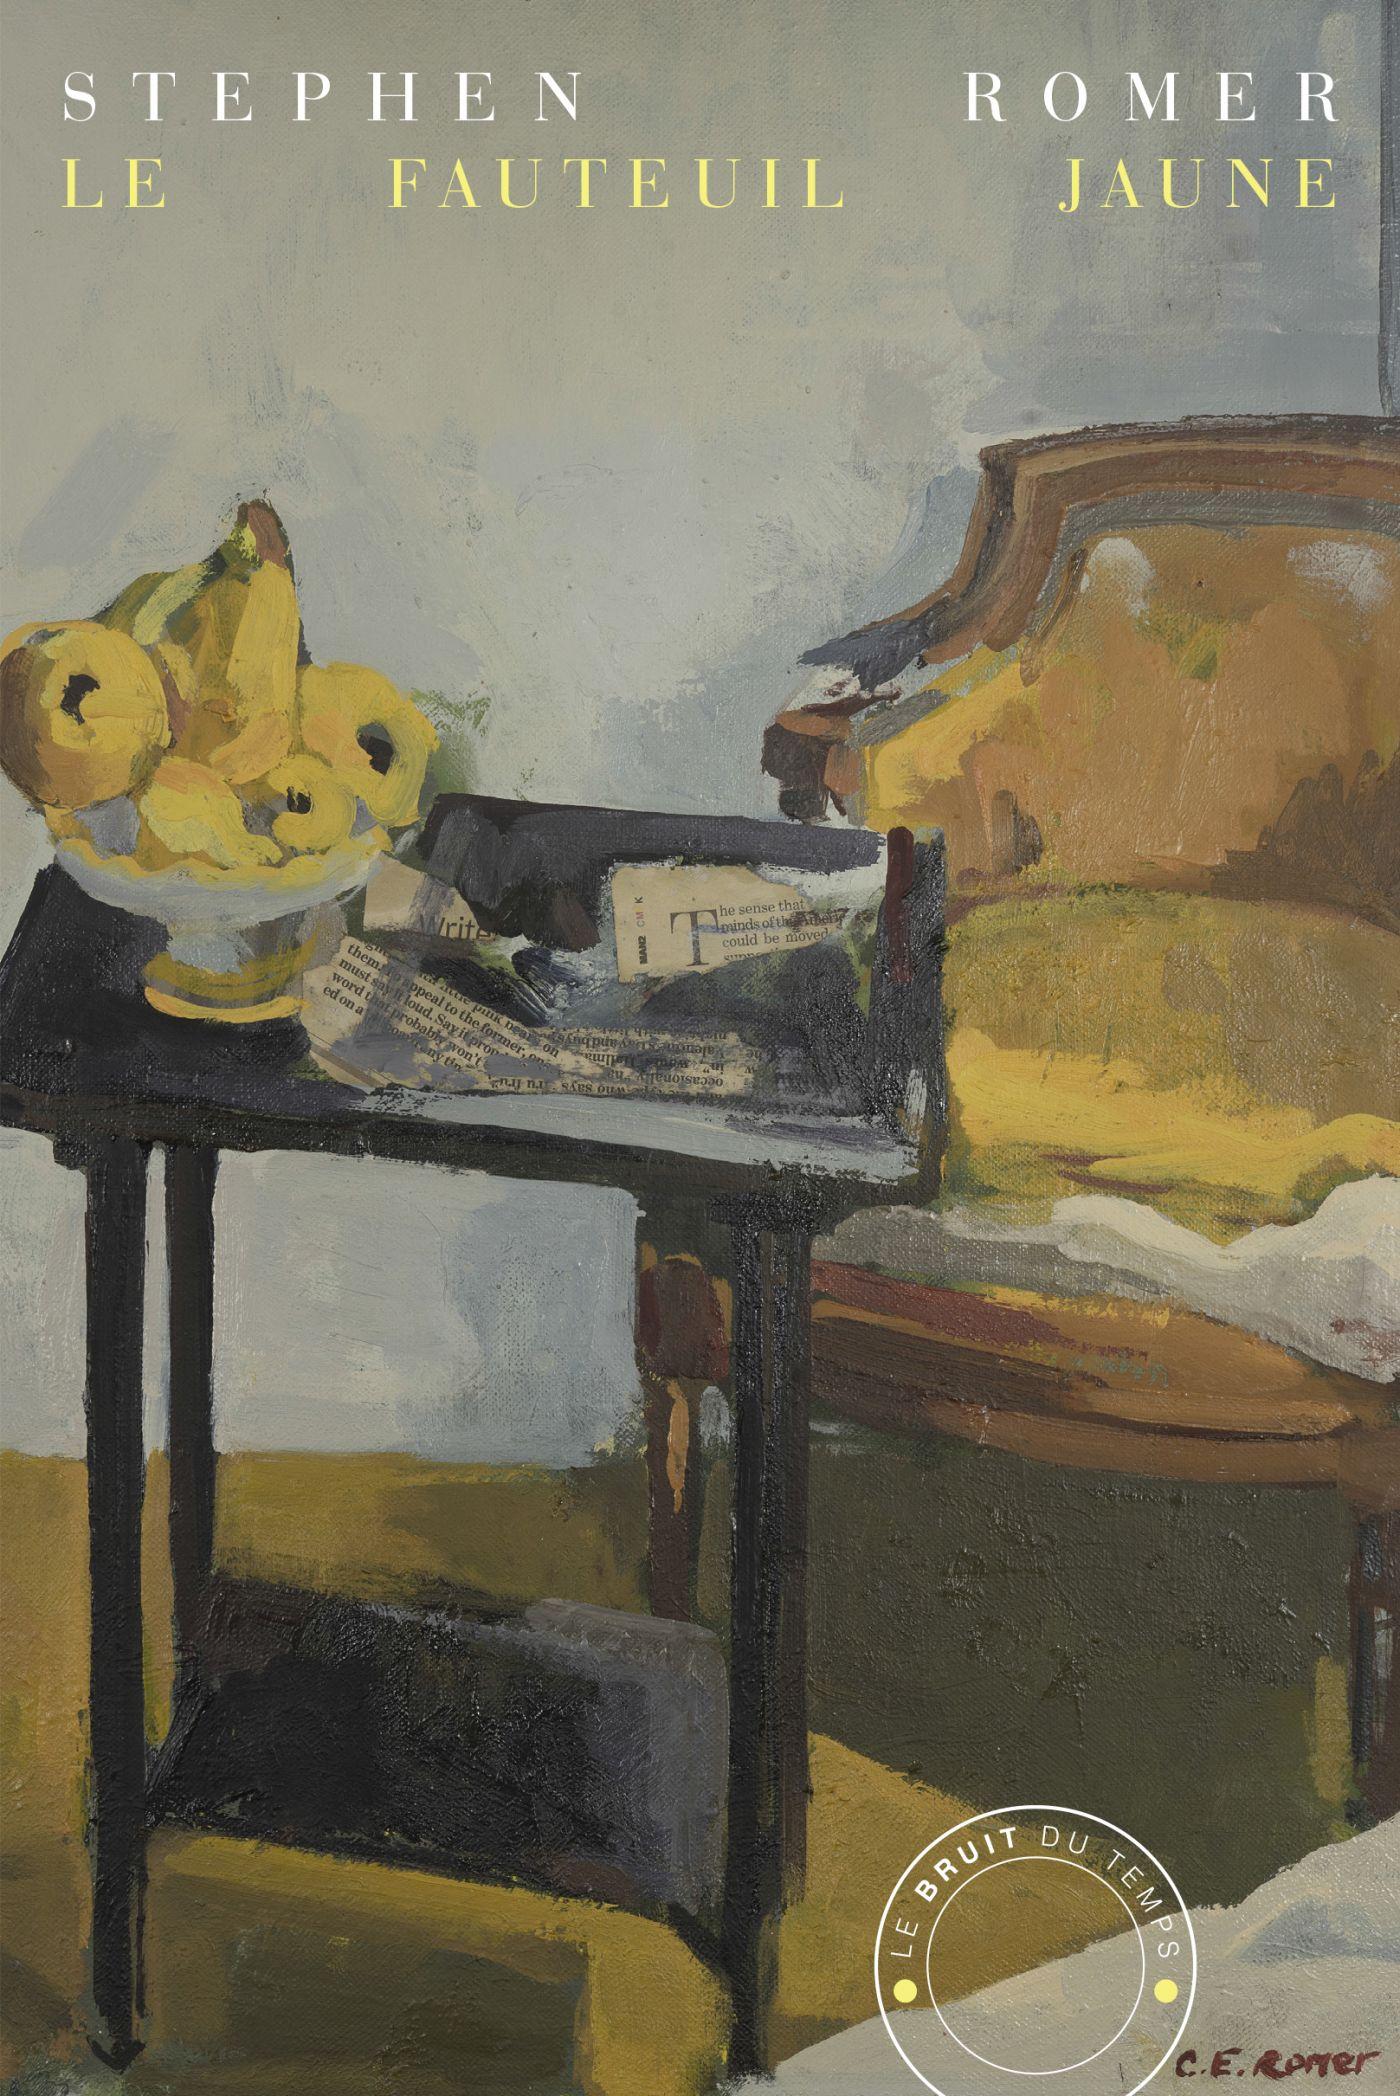 Le fauteuil jaune